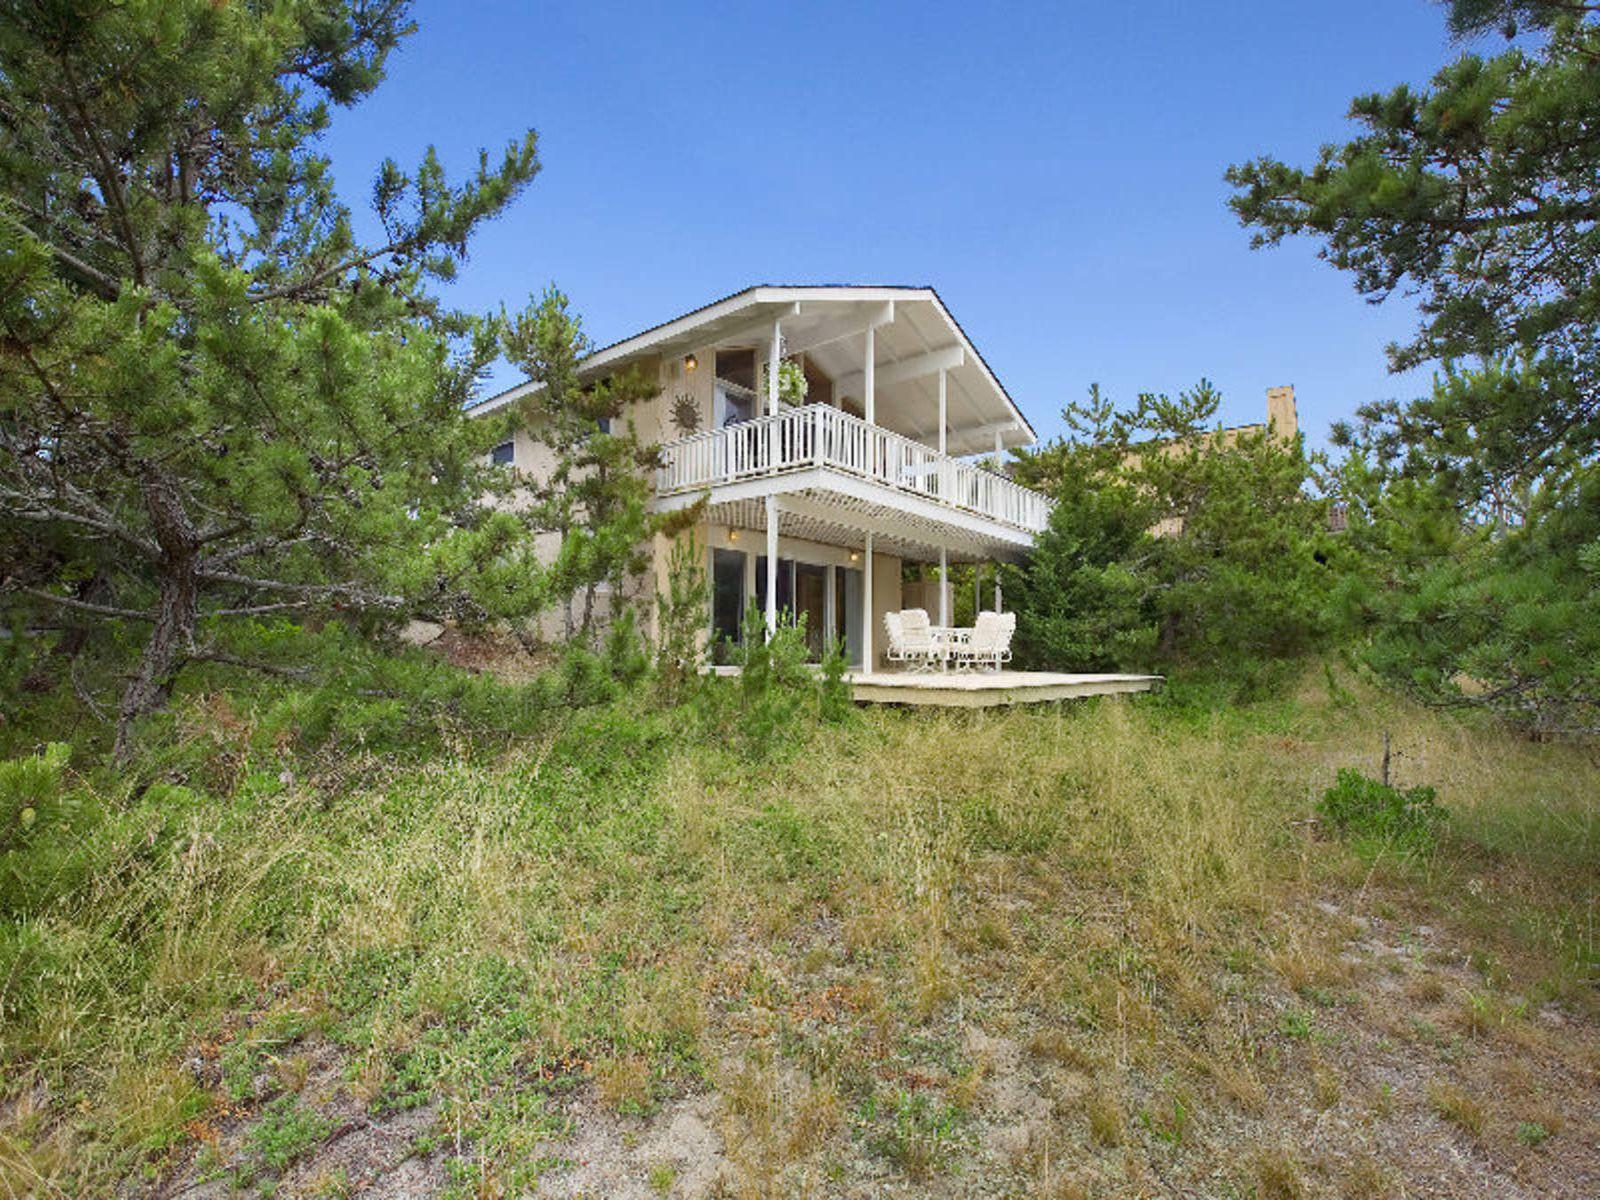 Perfect beach house amagansett ny single family home for Hamptons beach house for sale